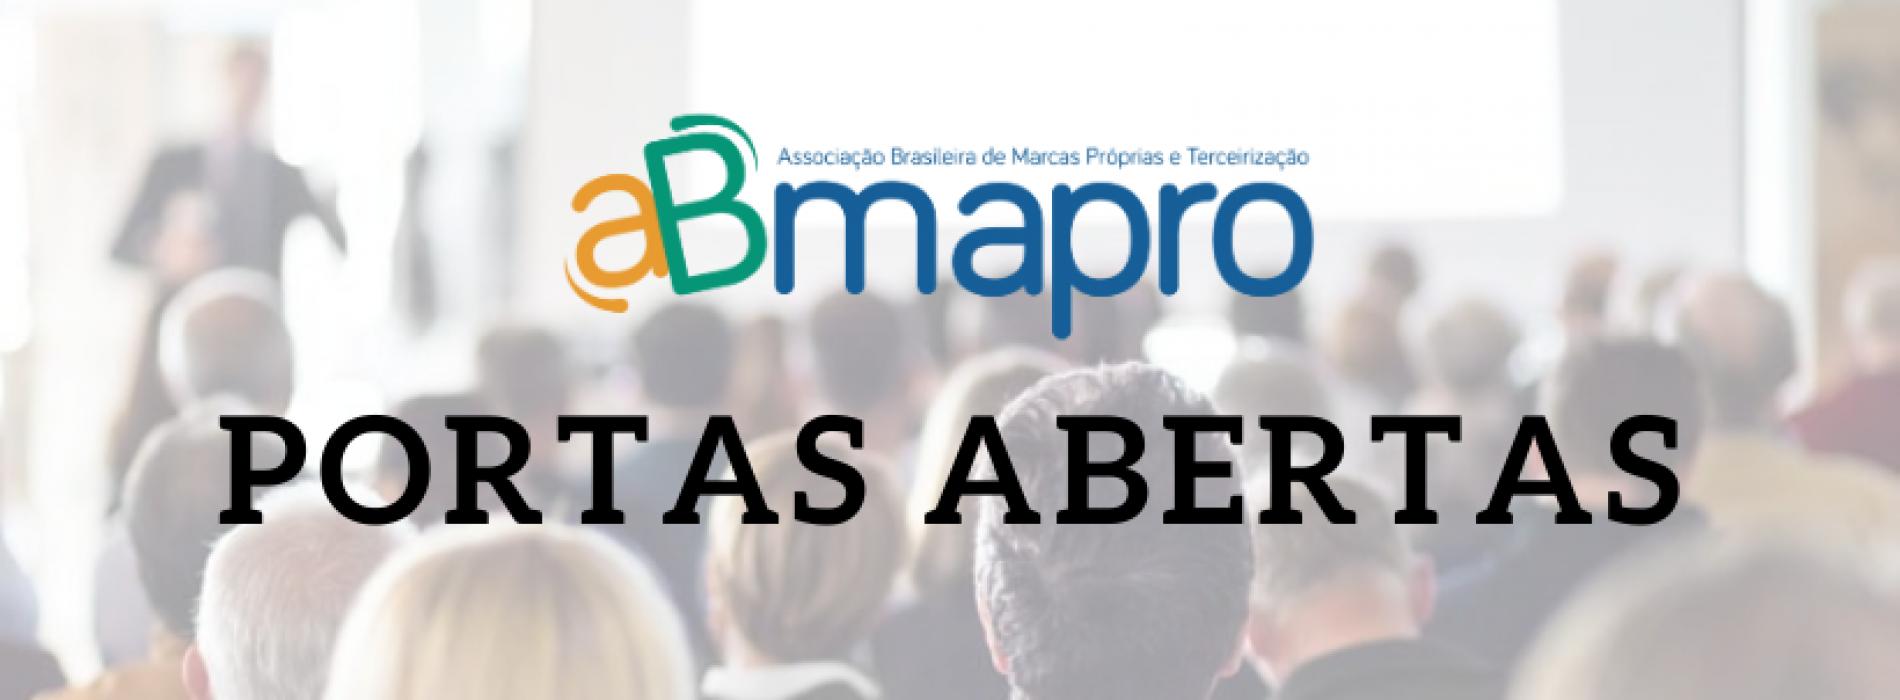 PORTAS ABERTAS – ABMAPRO